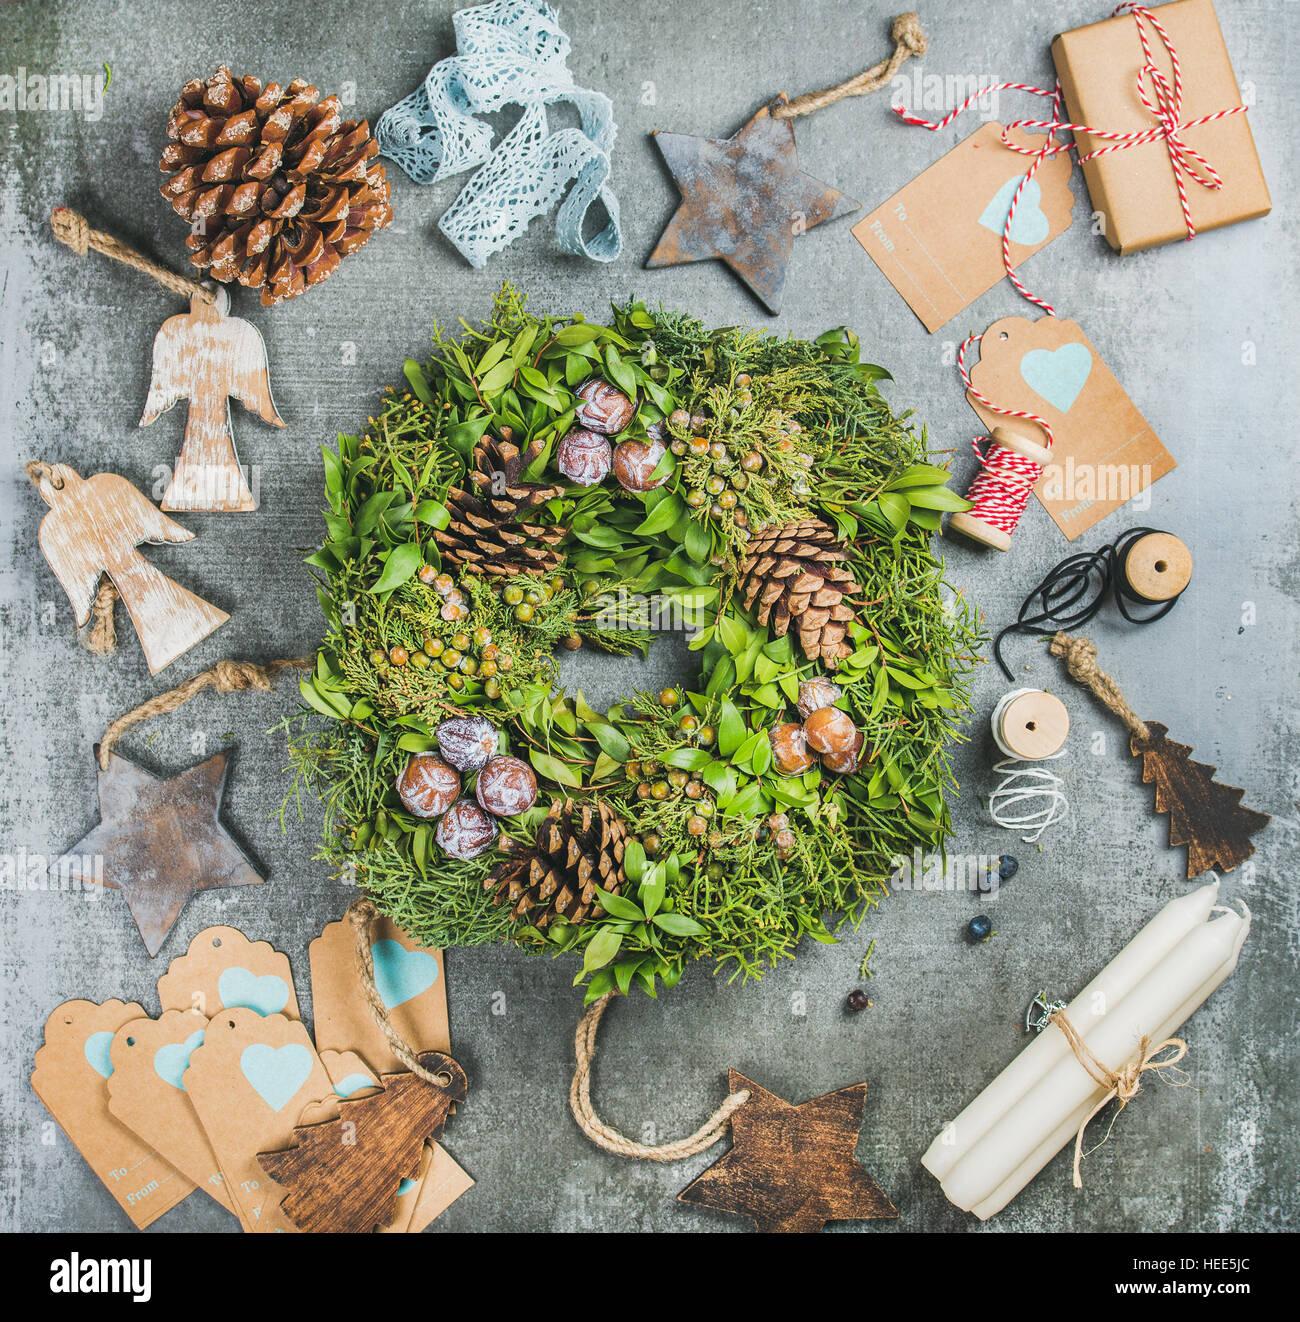 Natale verde corona, pigne, giocattoli di legno, candele, dei materiali decorativi Immagini Stock